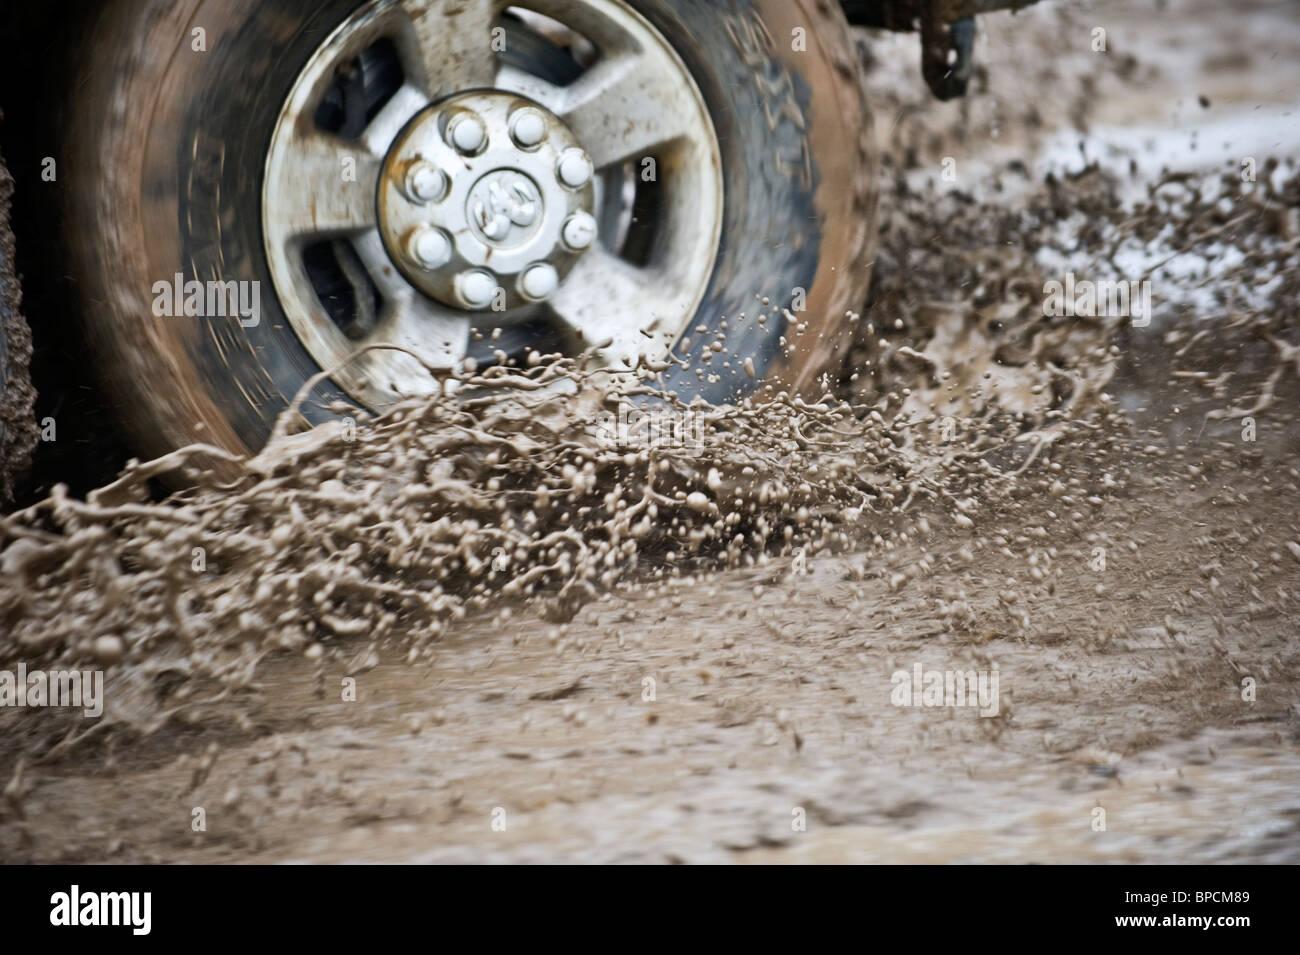 Ein Bild von einem LKW-Reifen und Rad dreht durch ein Schlammloch. Stockbild